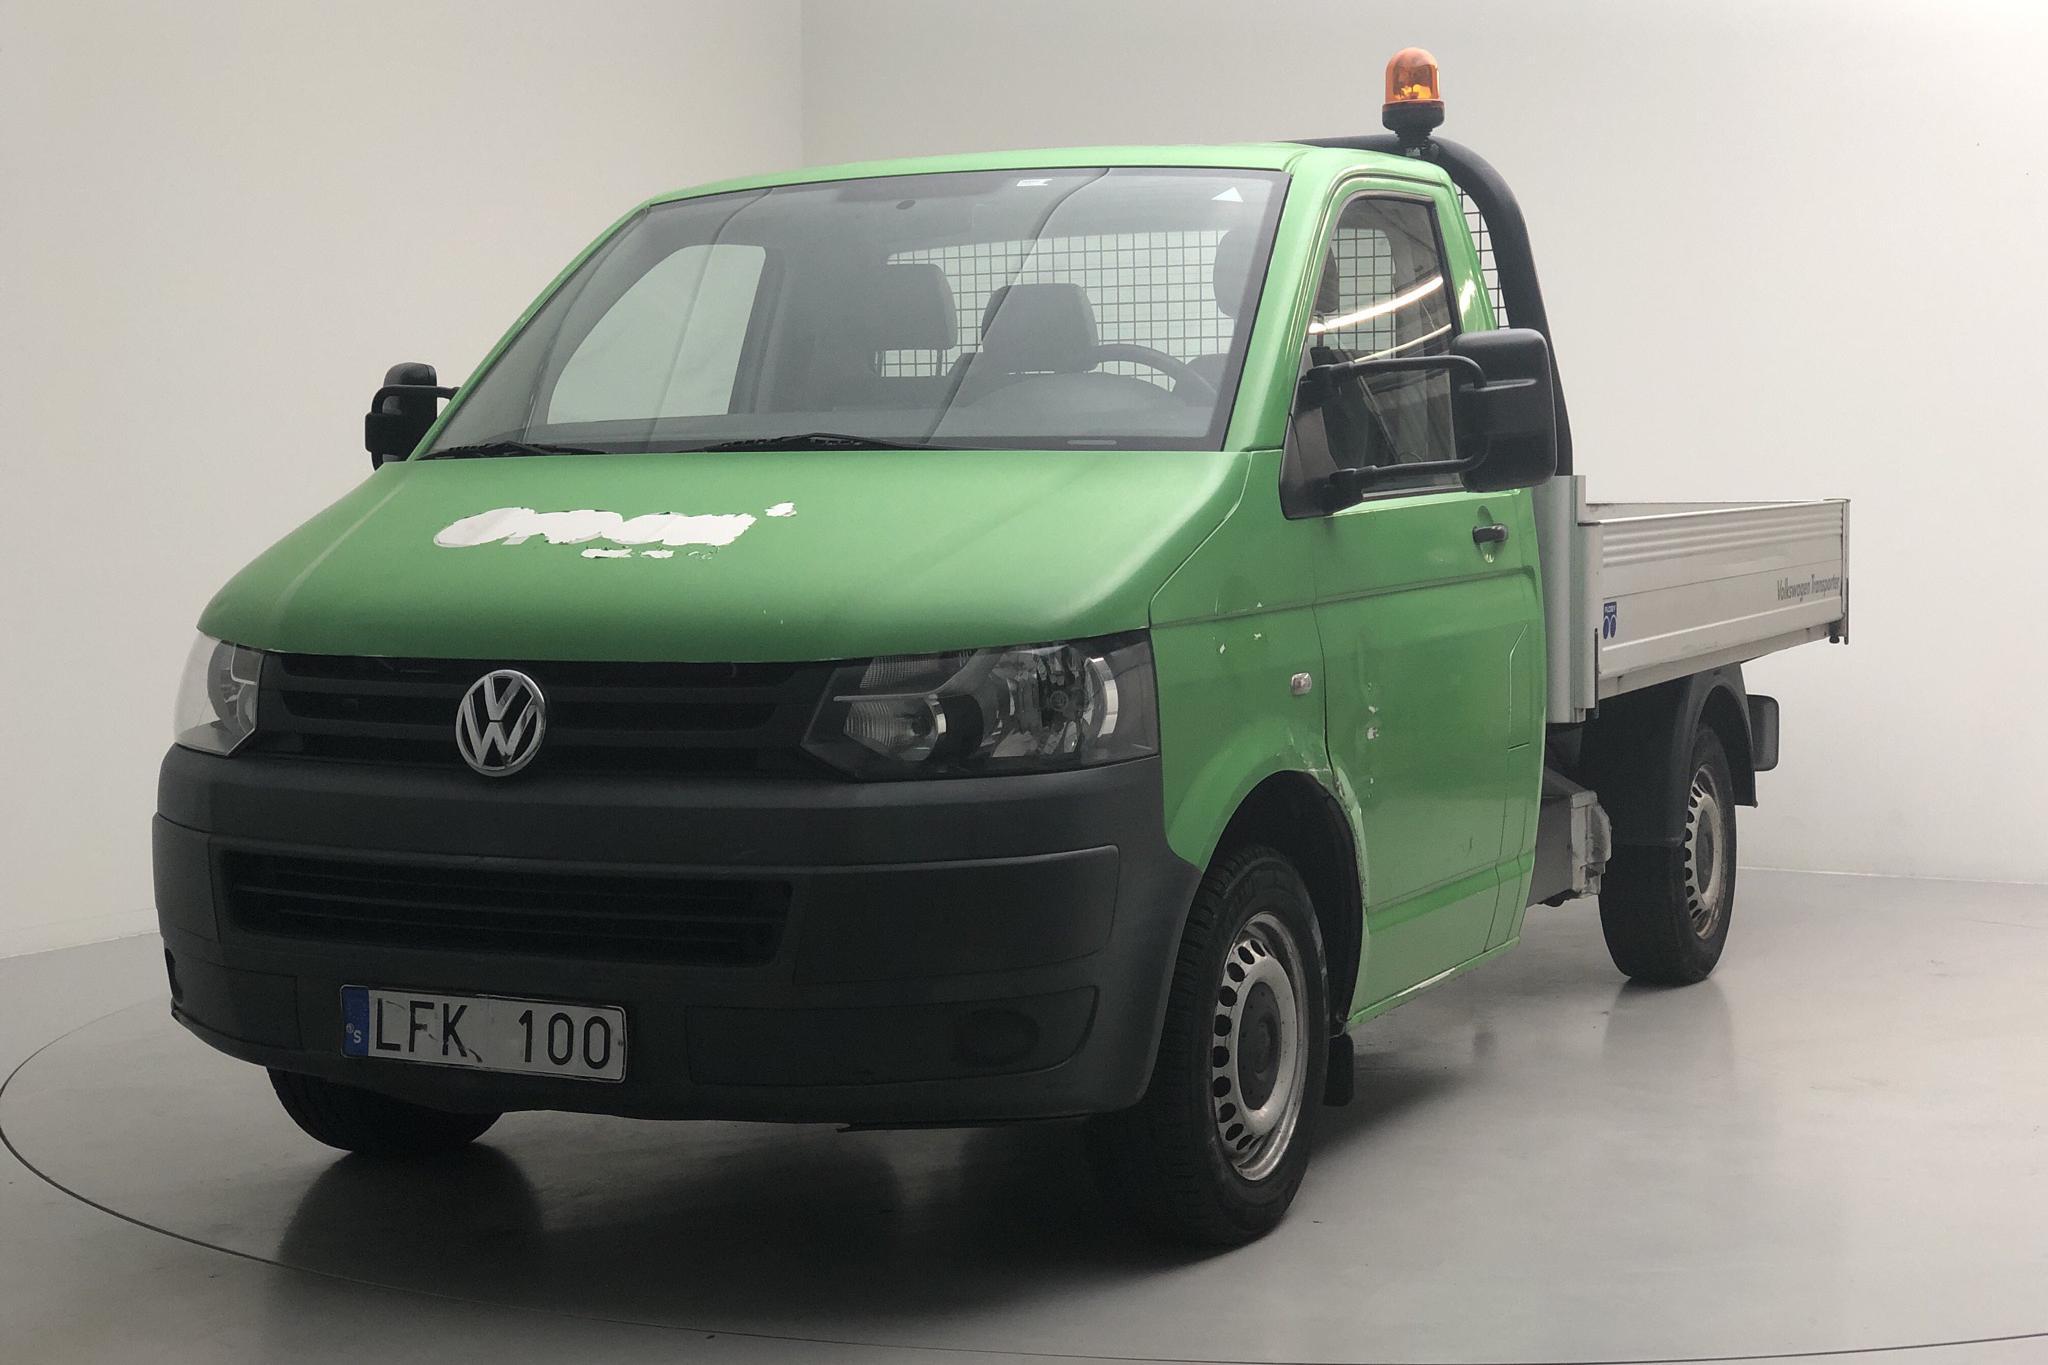 VW Transporter T5 2.0 Ecofuel Pickup (115hk) - 6 486 mil - Manuell - vit - 2013